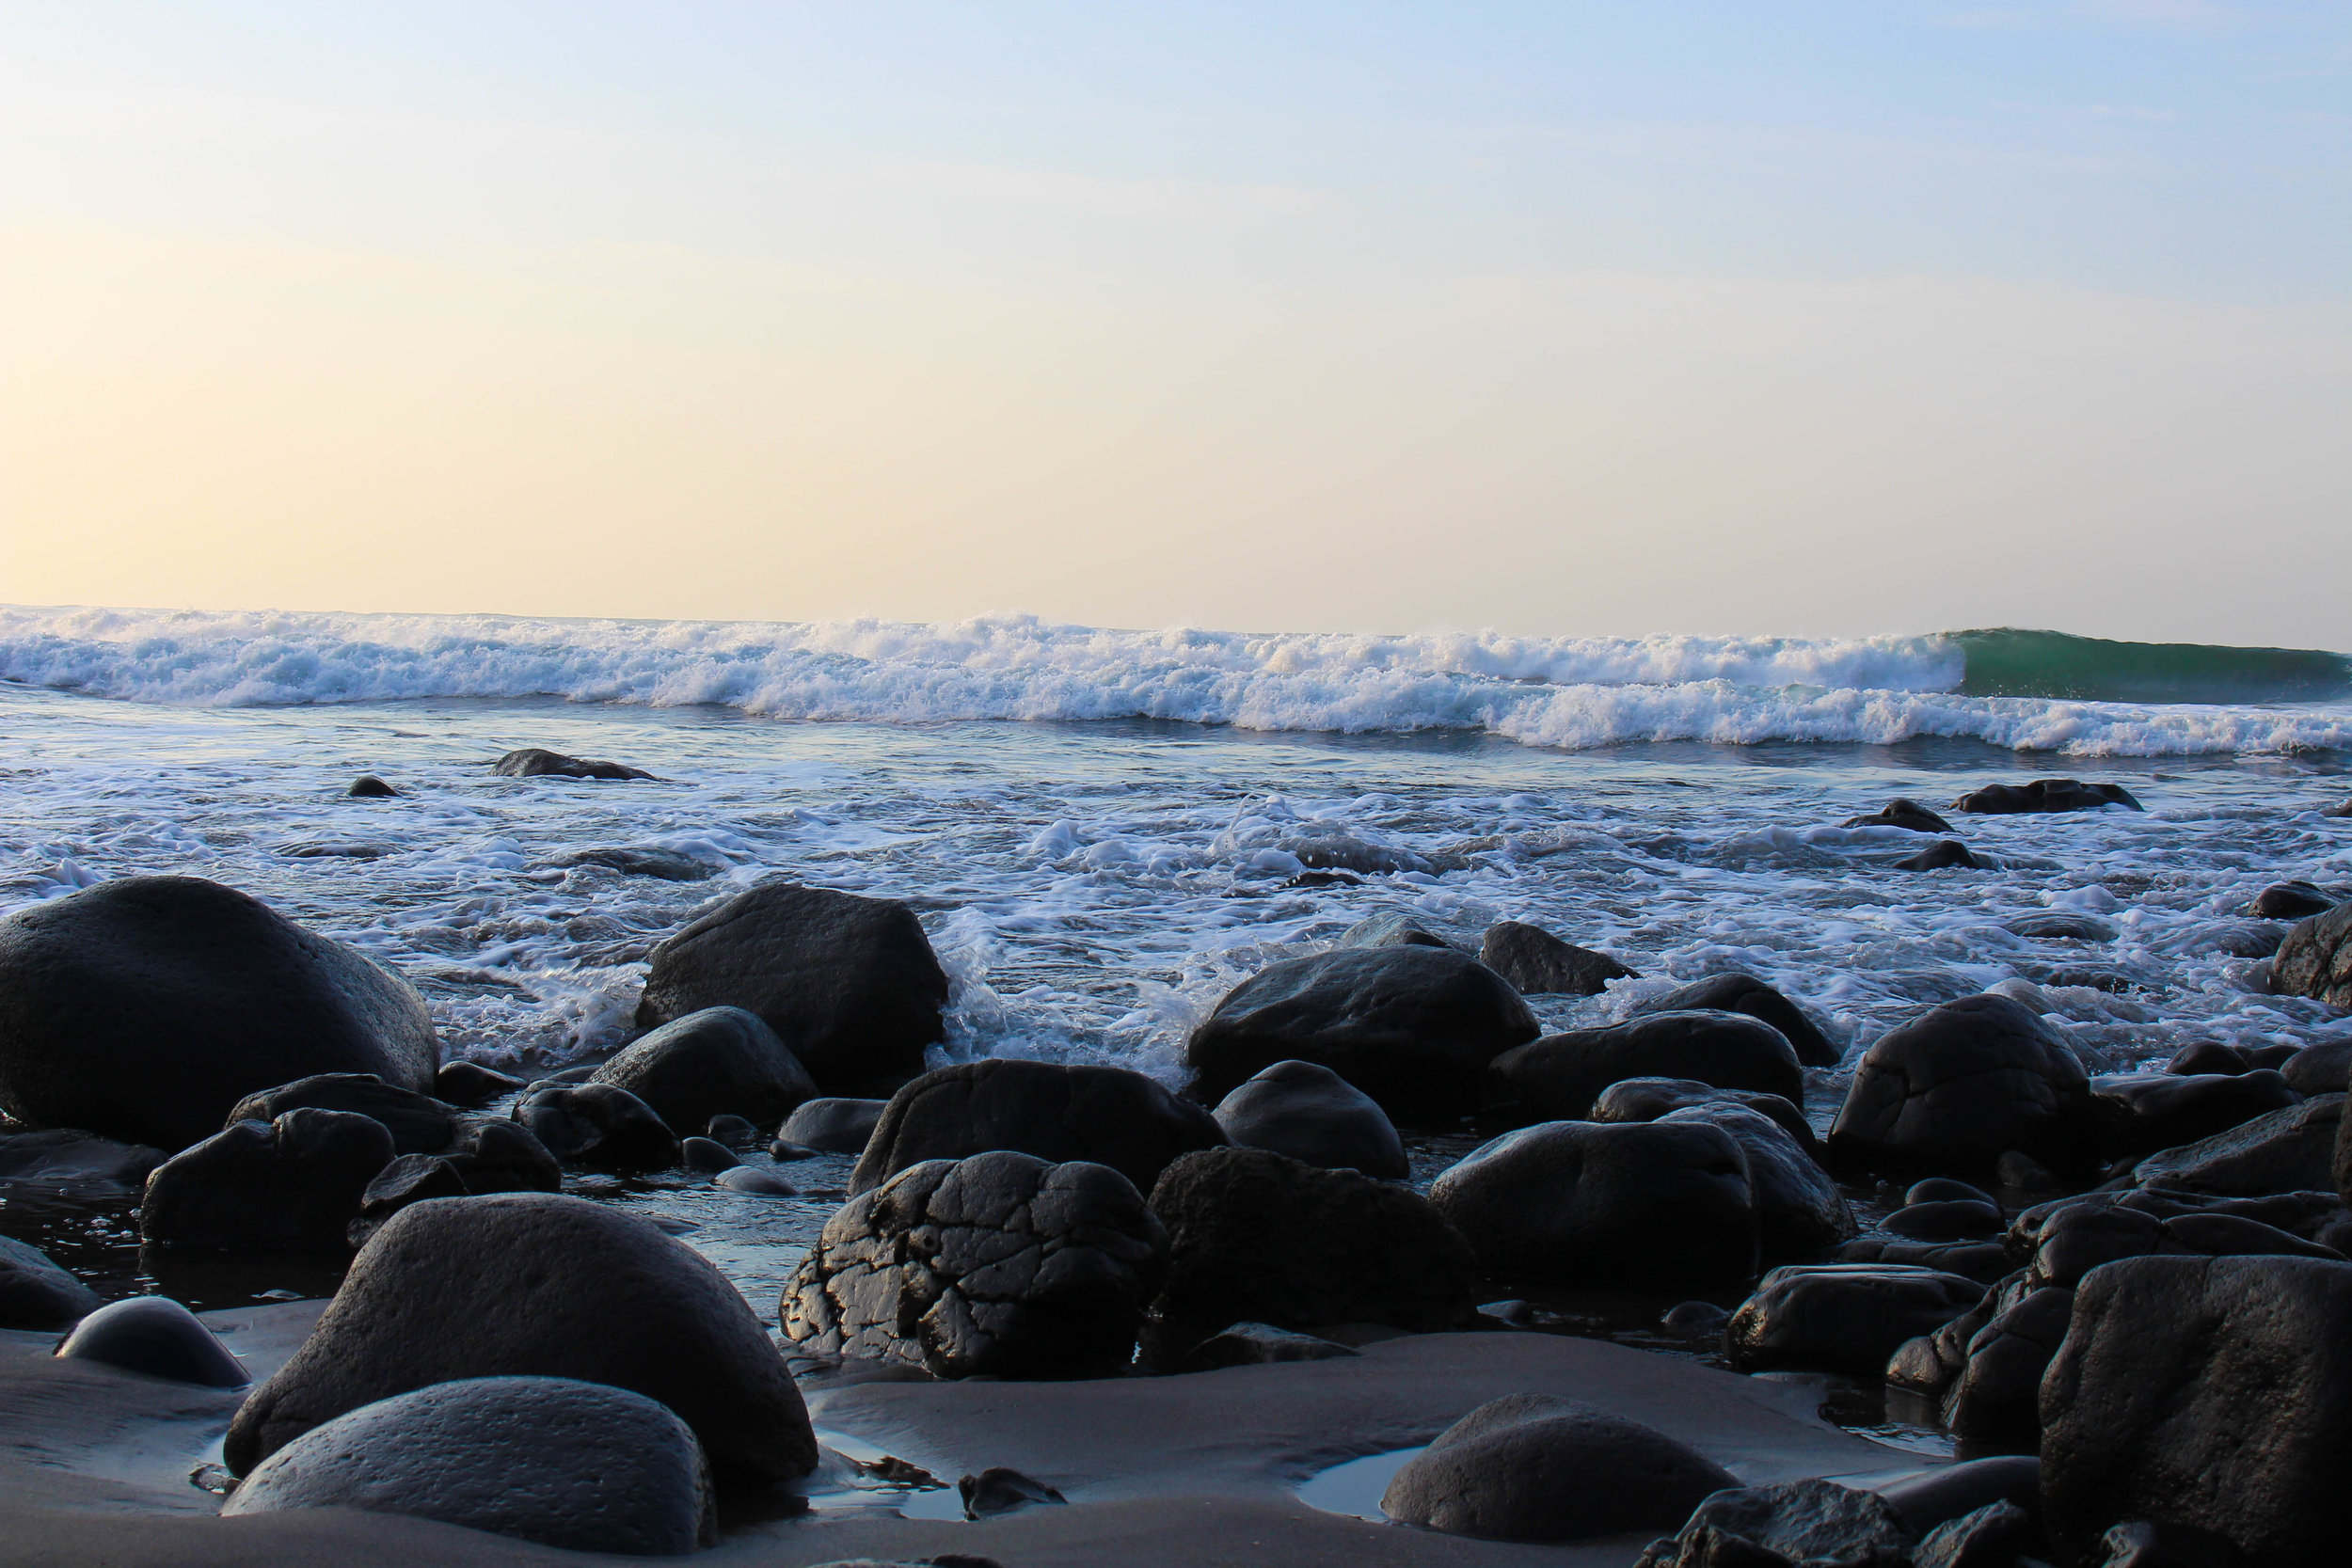 El tunco- water&rocks-NatalieNehlawi.jpg